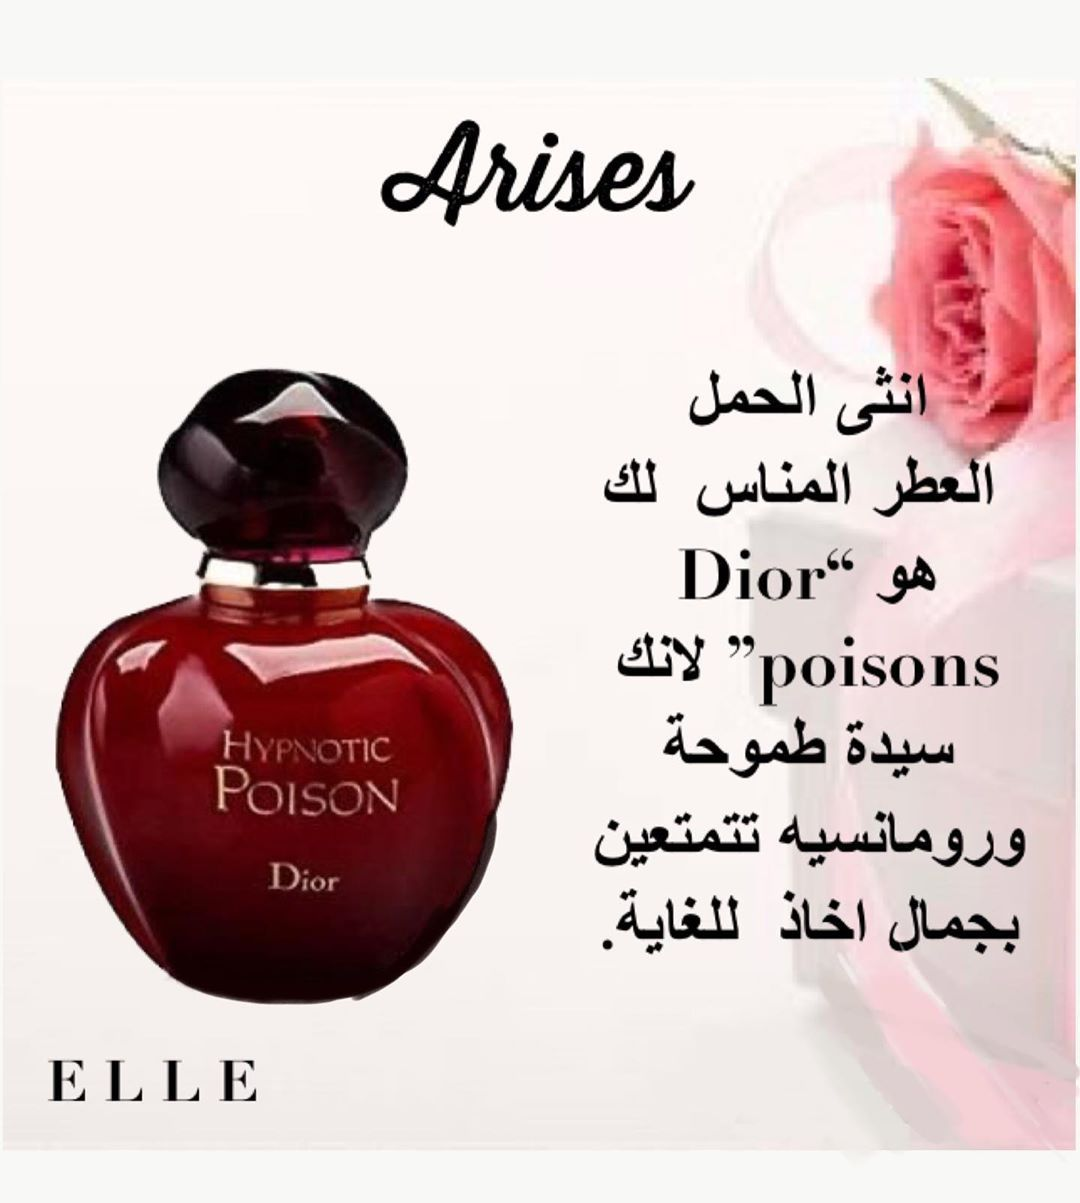 Elle Dz On Instagram مولودة برج الحمل العطر المناسب لك هو Dior Poison Follow Elledzair Elledzair Magazine Zodiacsigns Zodiac Aries Dz Dzpower